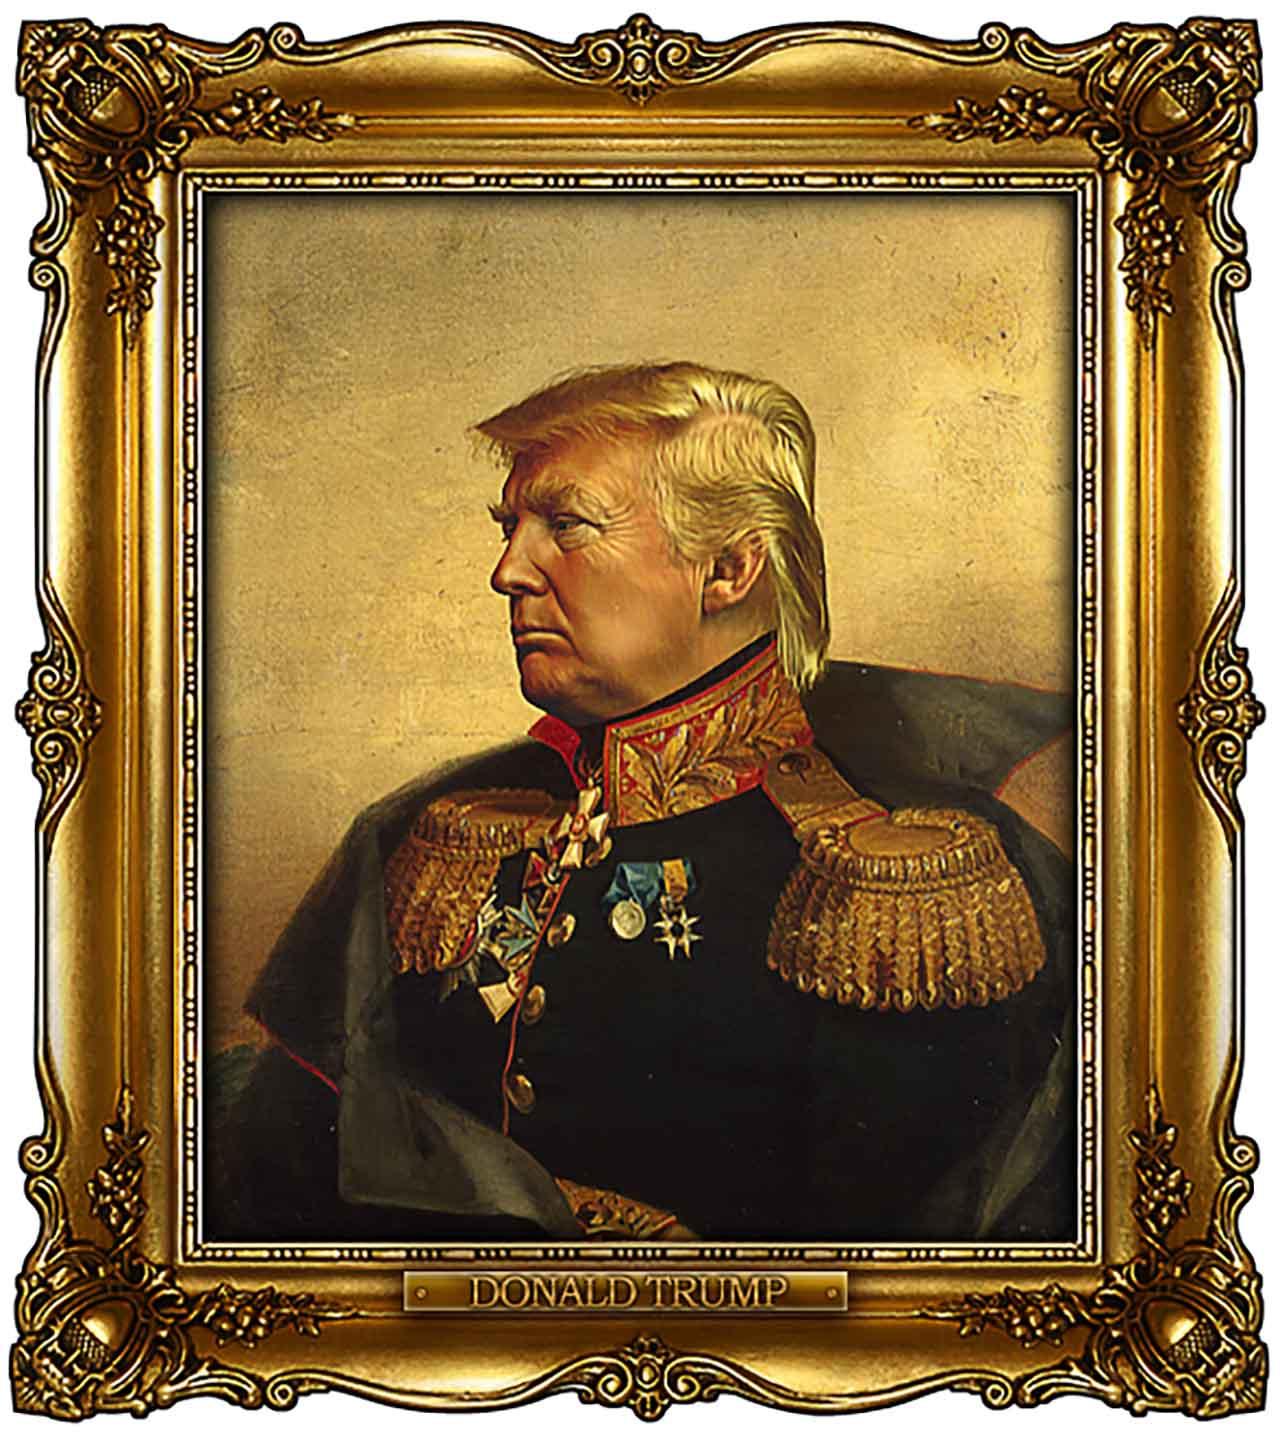 Artist Turns Famous Actors Into Russian Generals - Donald Trump